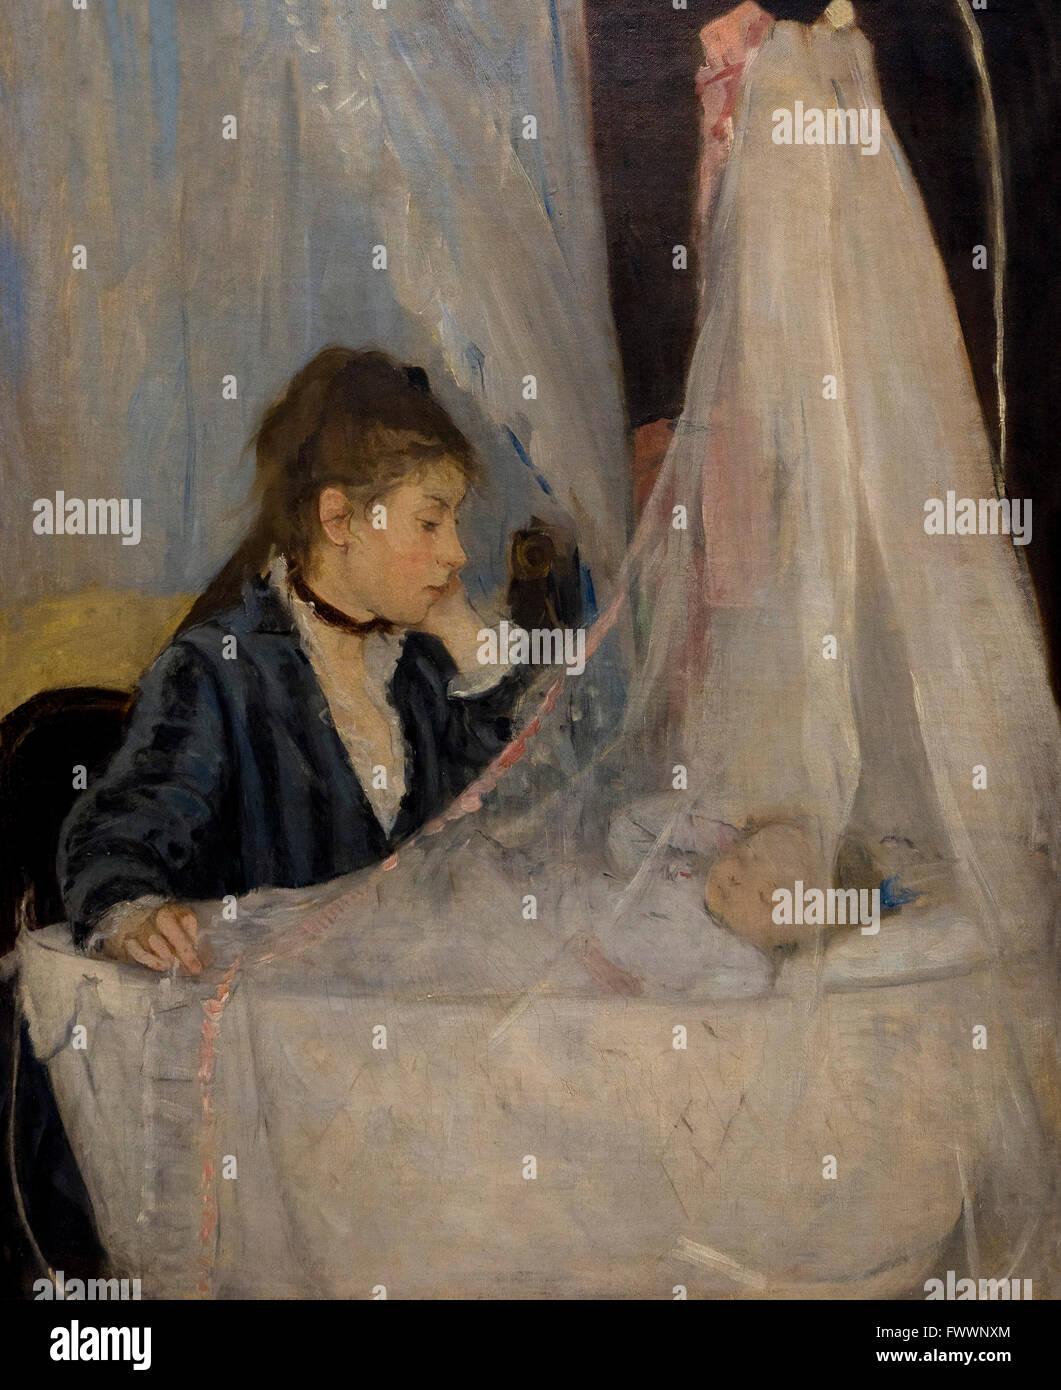 Le berceau, le berceau, par Berthe Morisot, 1872, Musée d'Orsay Paris France Europe Photo Stock